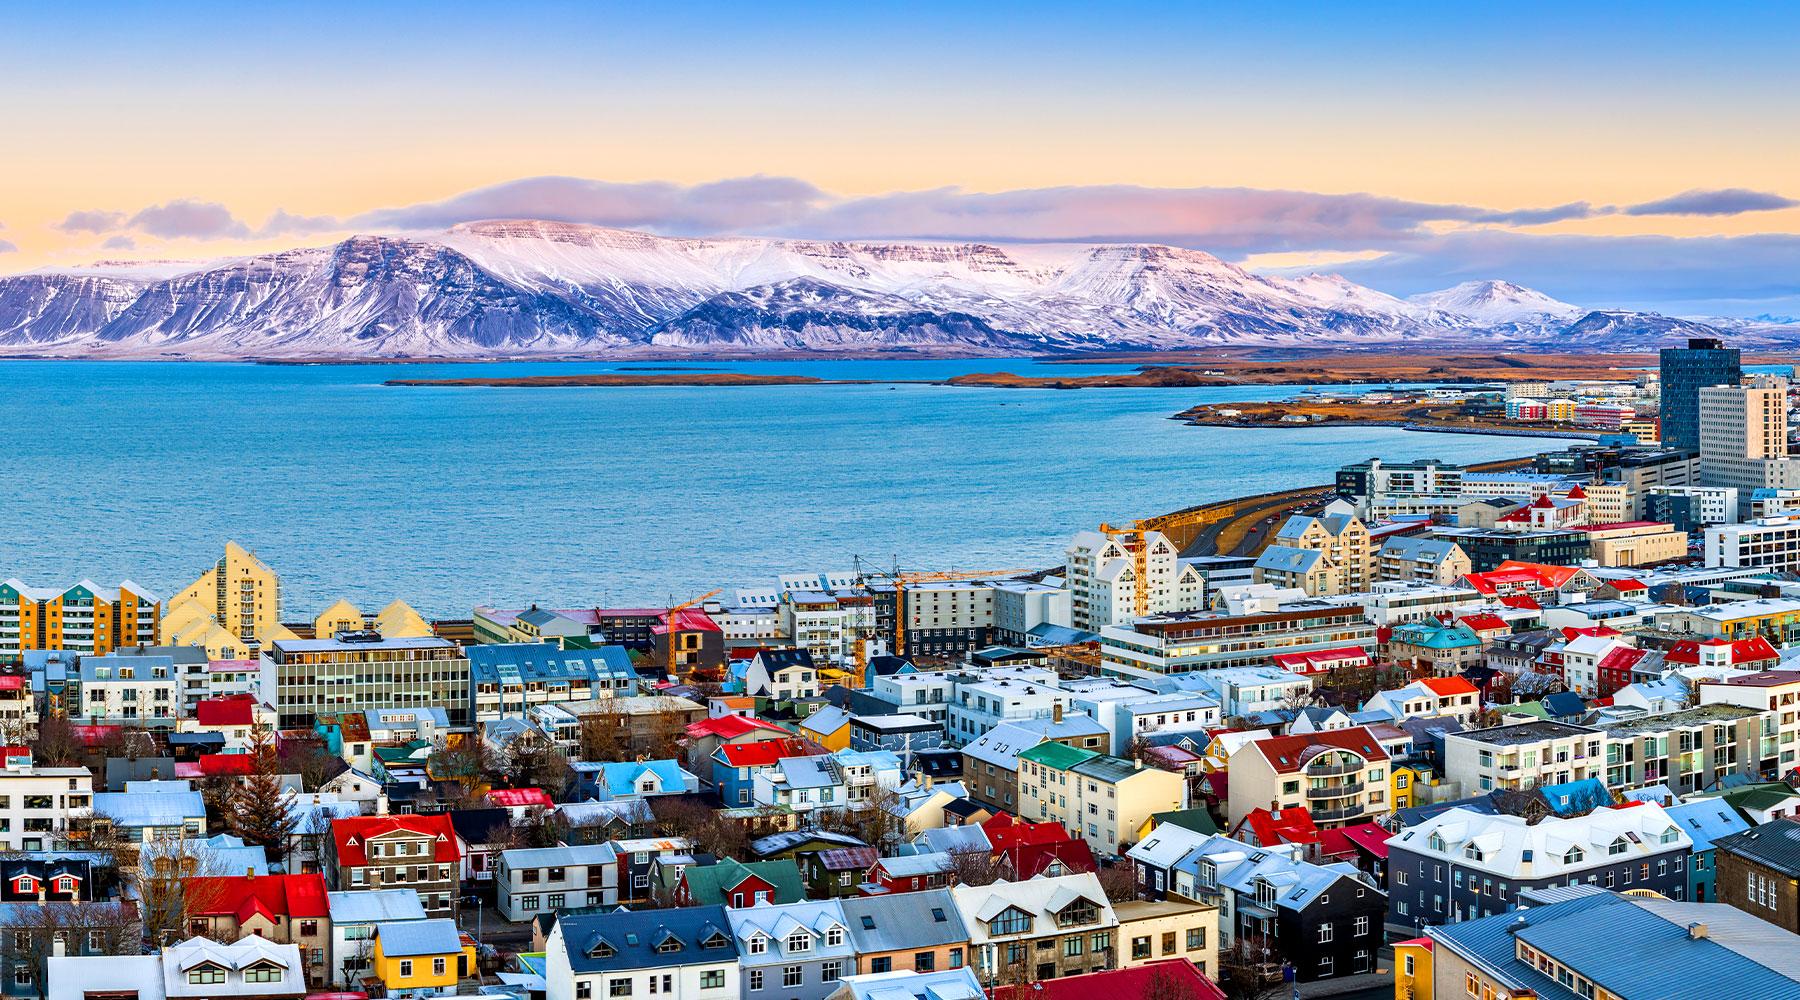 Iceland mất 750 km2 diện tích sông băng trong 20 năm qua   Môi trường    Vietnam+ (VietnamPlus)